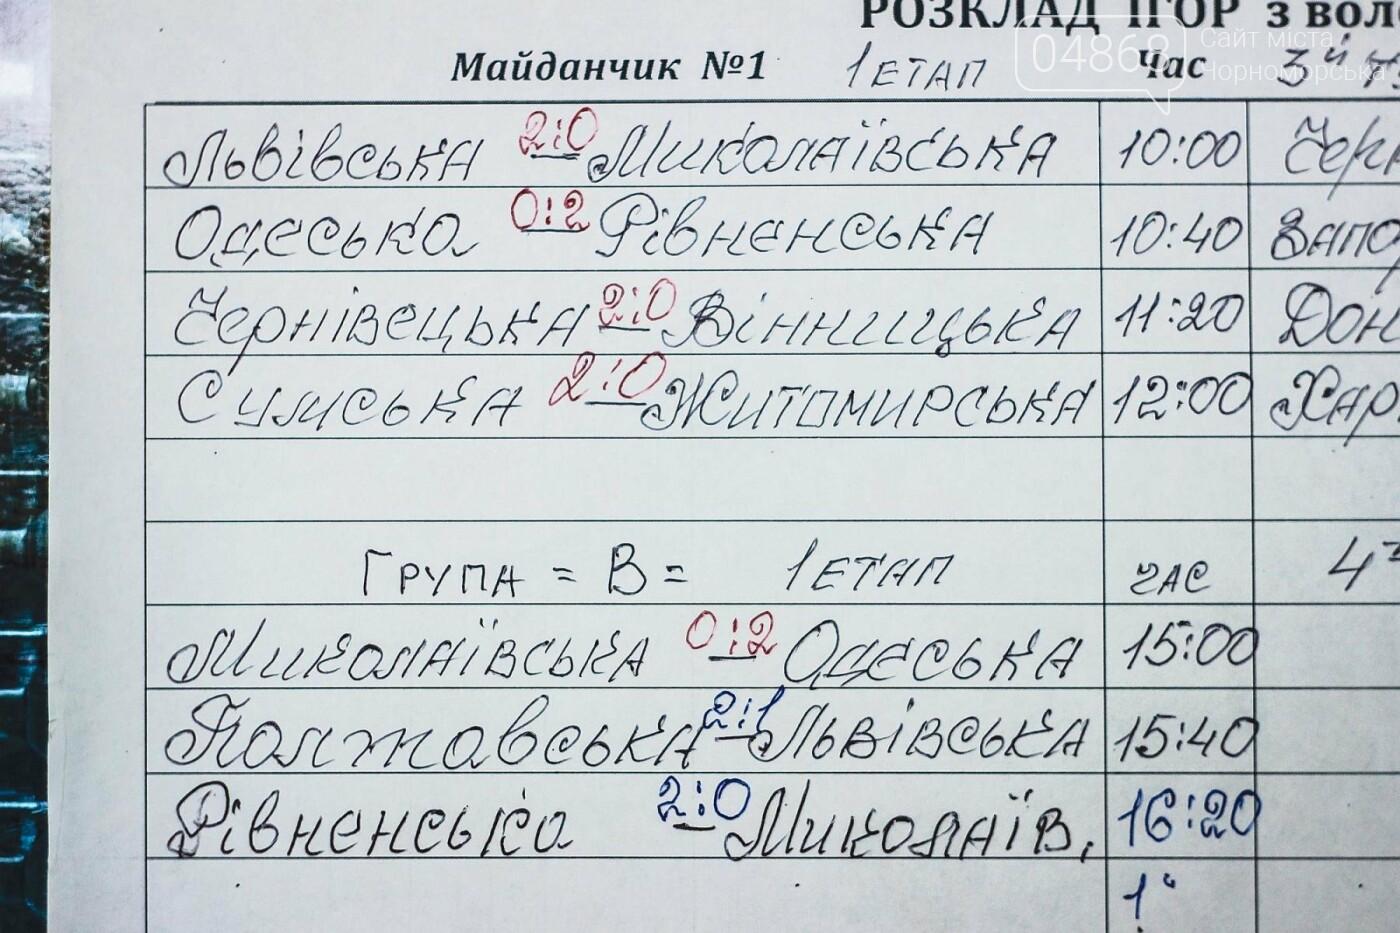 Сборная Одесской области обыграла сборную Харьковской в депутатской спартакиаде по волейболу, фото-18